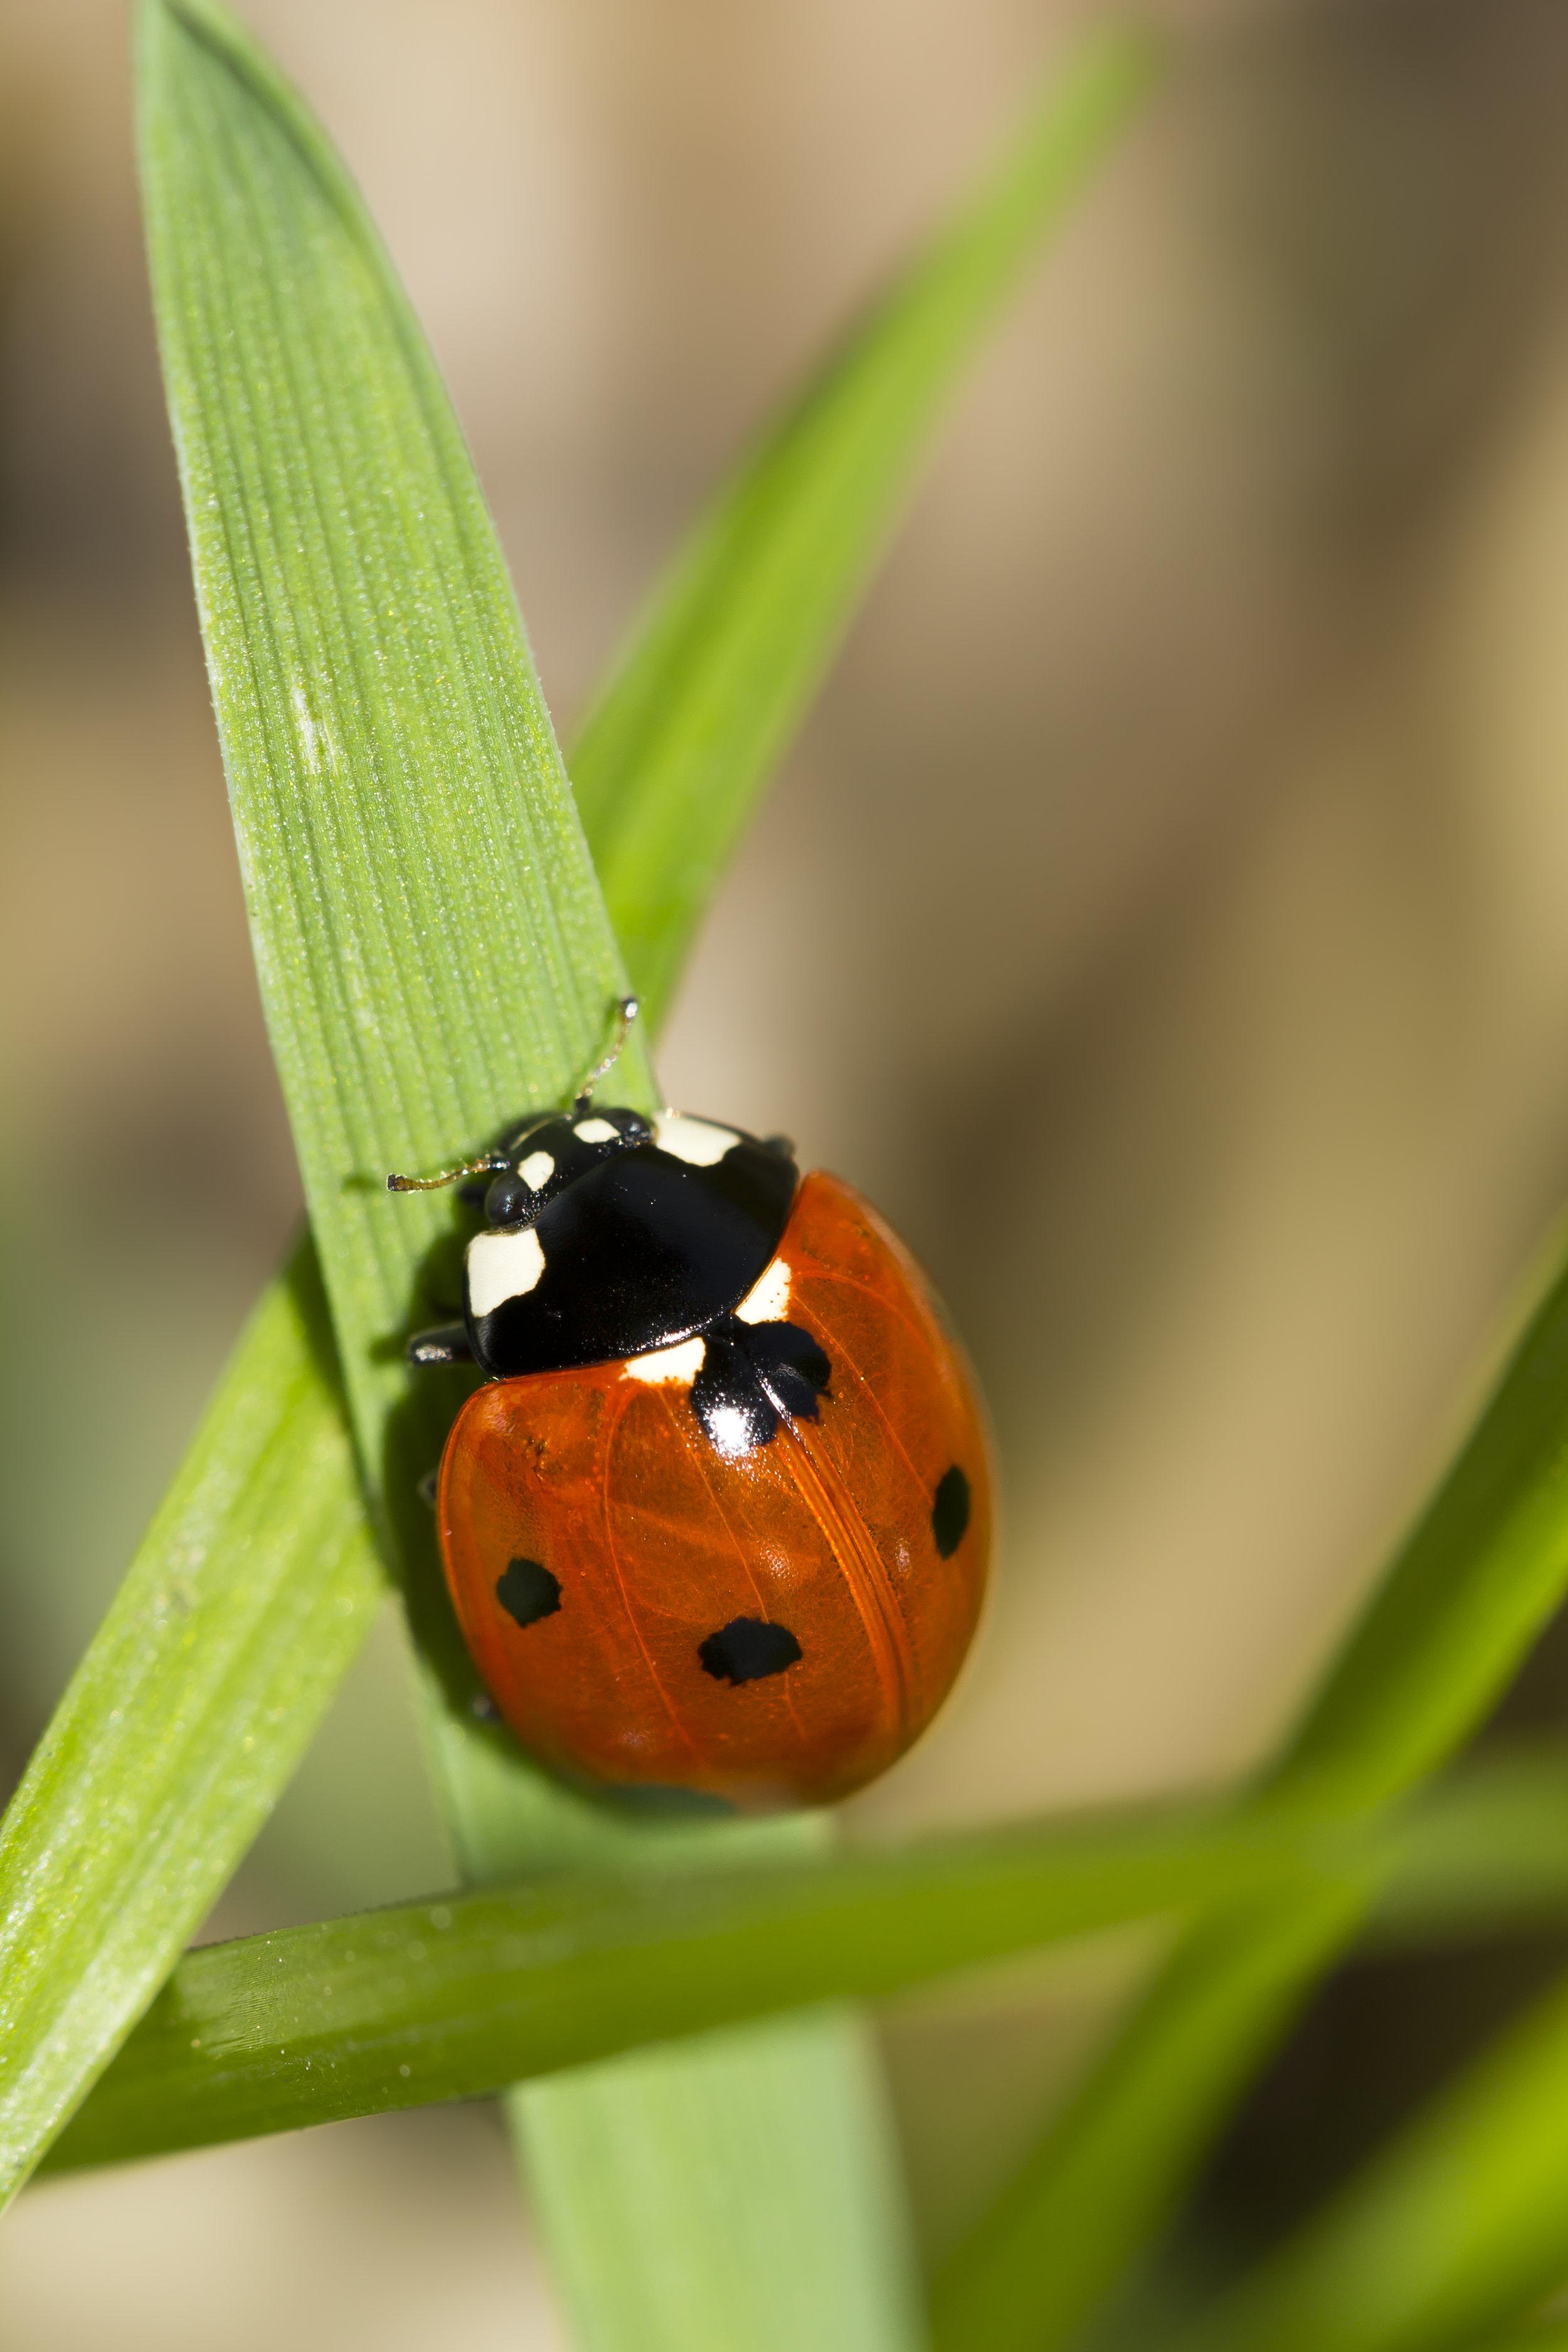 coccinella insetto macro foto milano natura fotografo